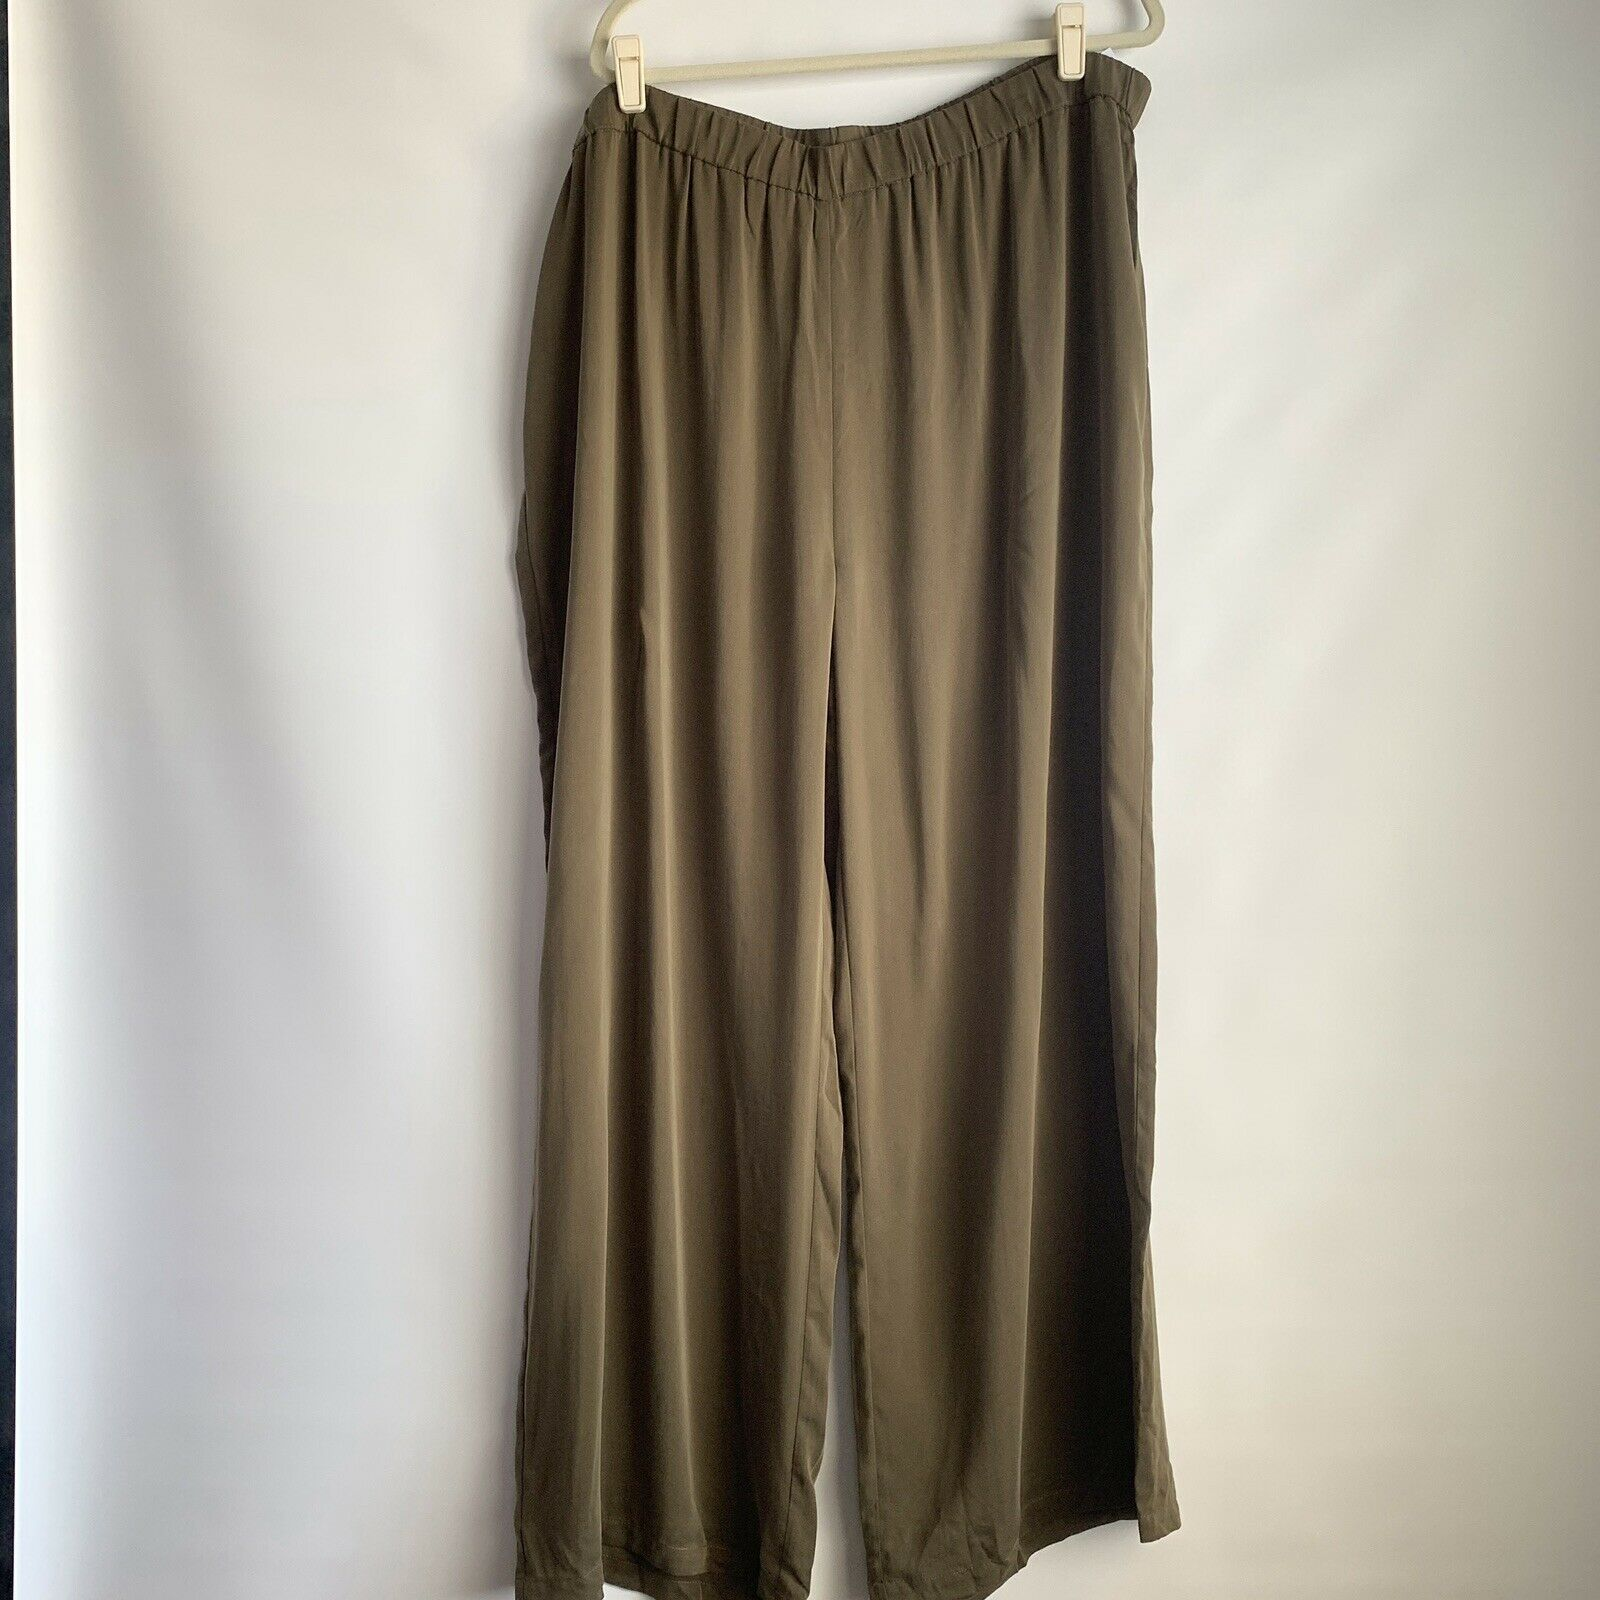 NWOT LOGO by Lori Goldstein Woven Washed Modal Wide-Leg Pant Sz 2x  90 Grün